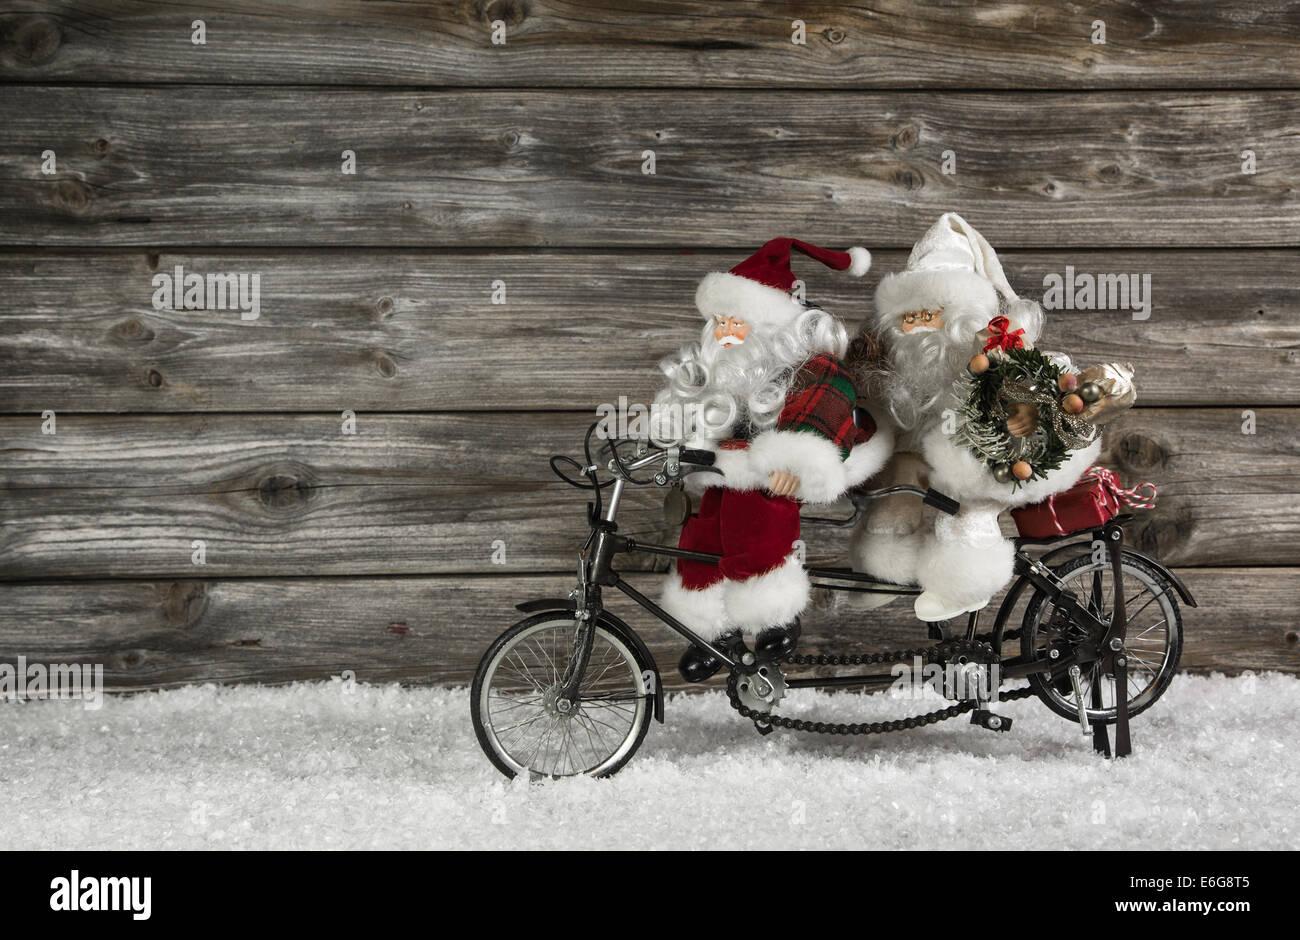 Das Weihnachten.Lustiges Aus Holz Weihnachten Hintergrund Mit Zwei Santa Claus Auf